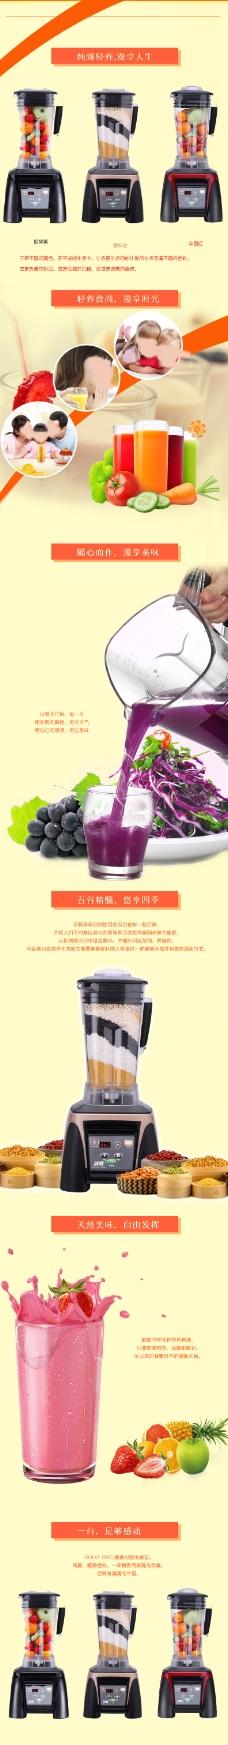 水果谷物榨汁机淘宝详情页设计